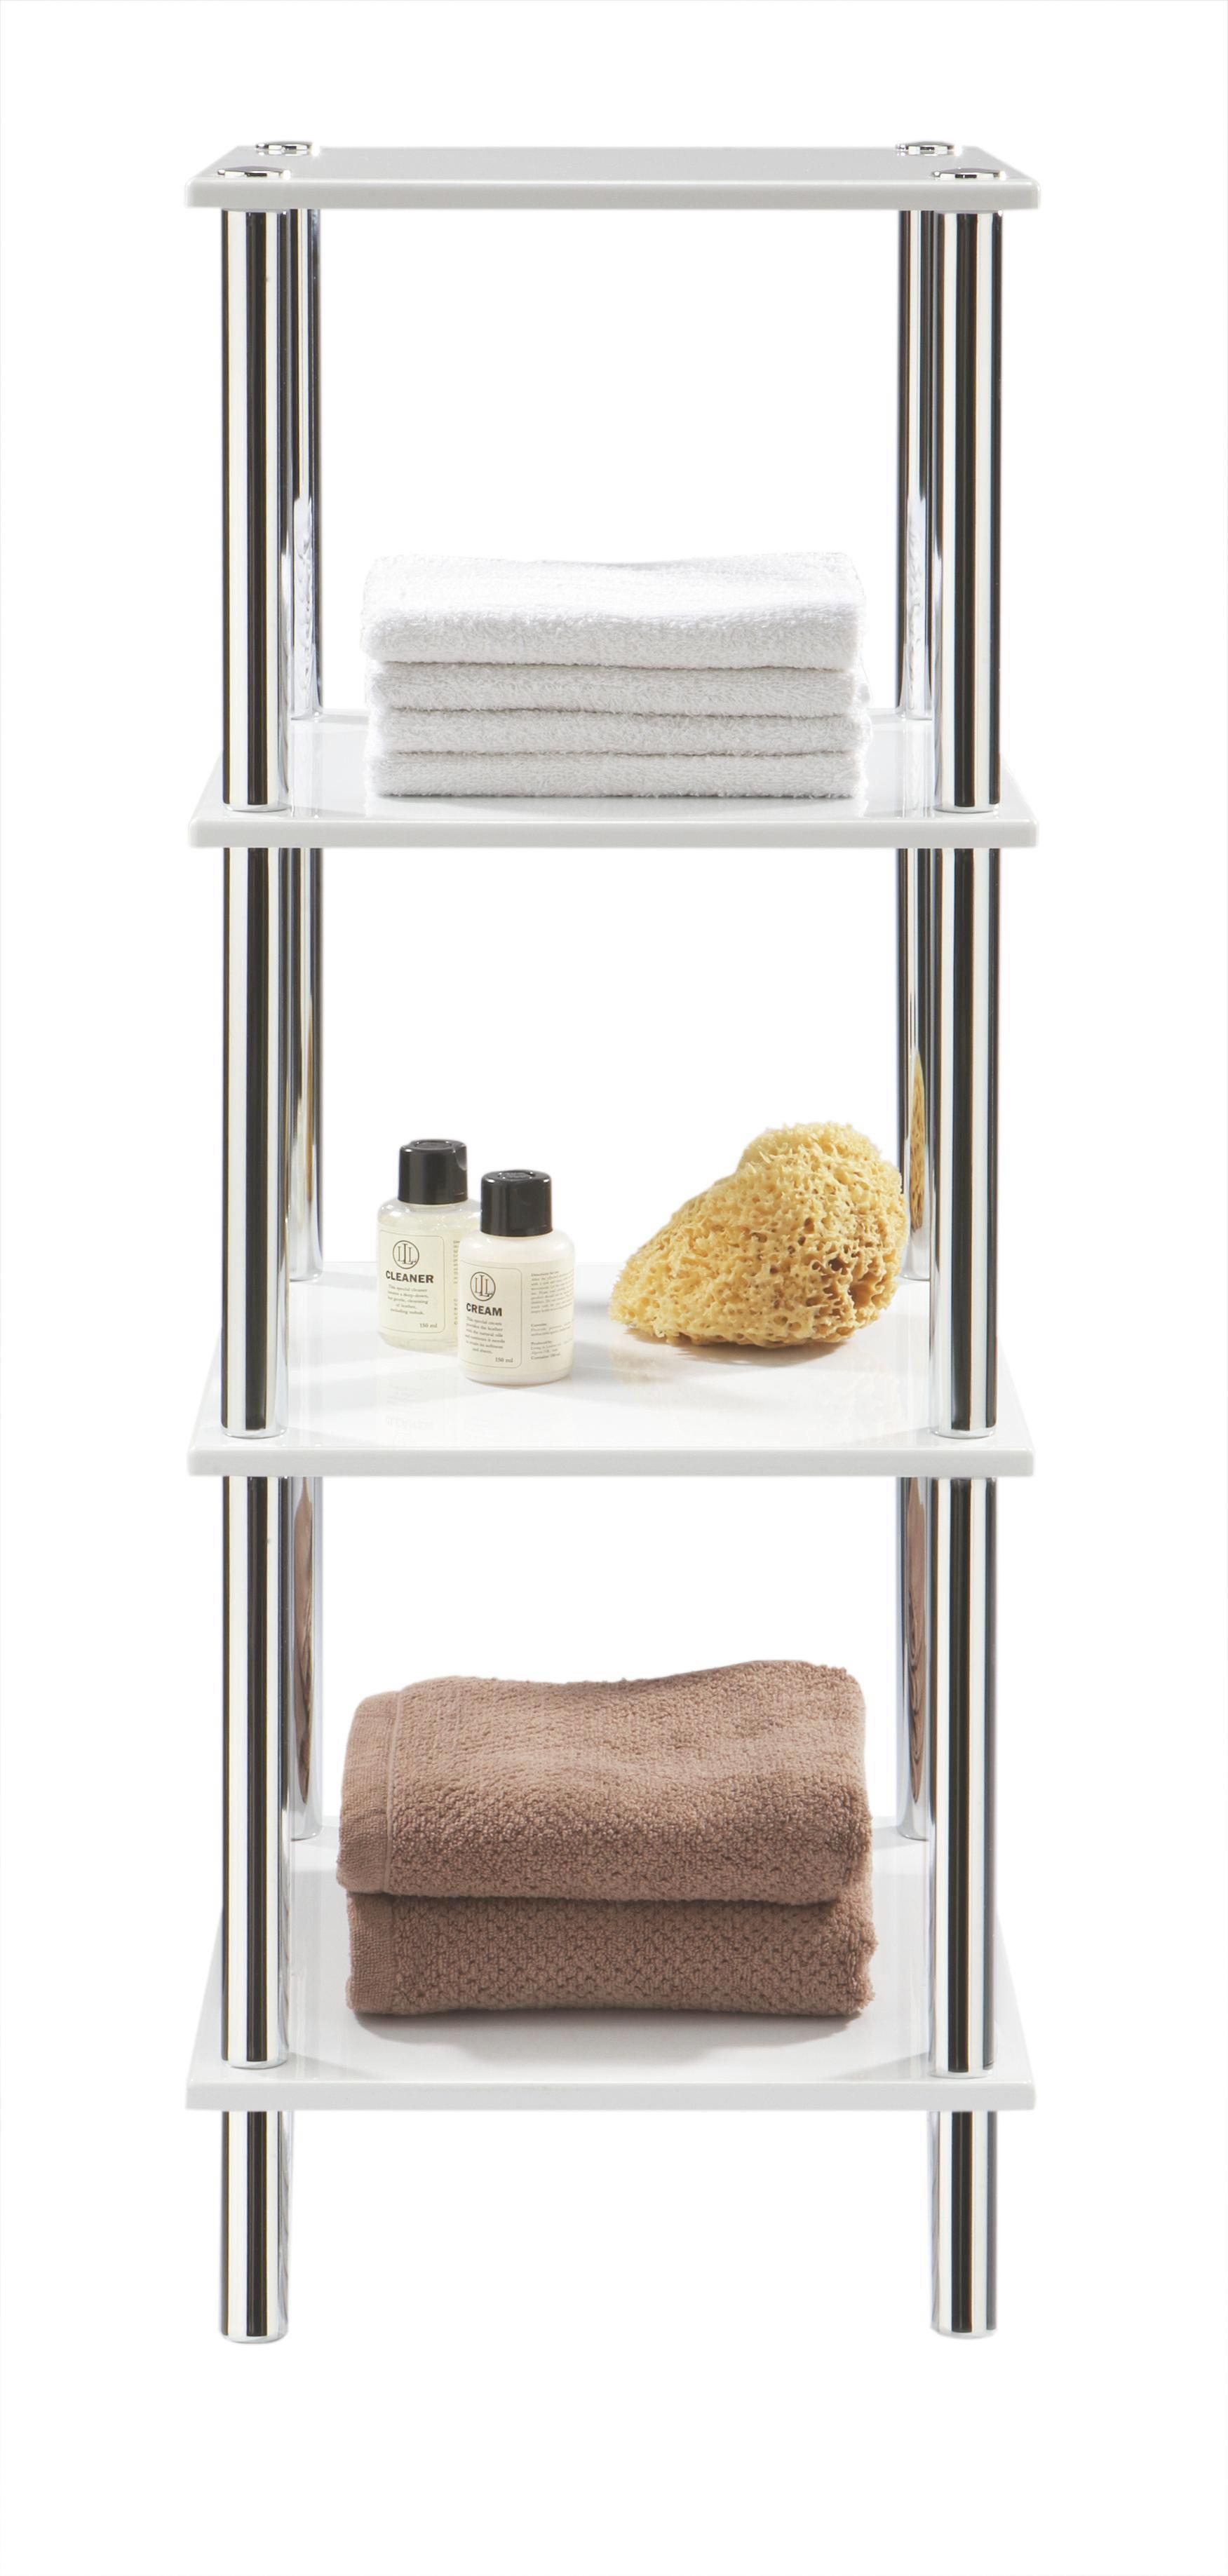 Regal in Weiß/Stahl, 4 ablagen - Weiß, LIFESTYLE, Textil/Metall (39/107/39cm) - MÖMAX modern living